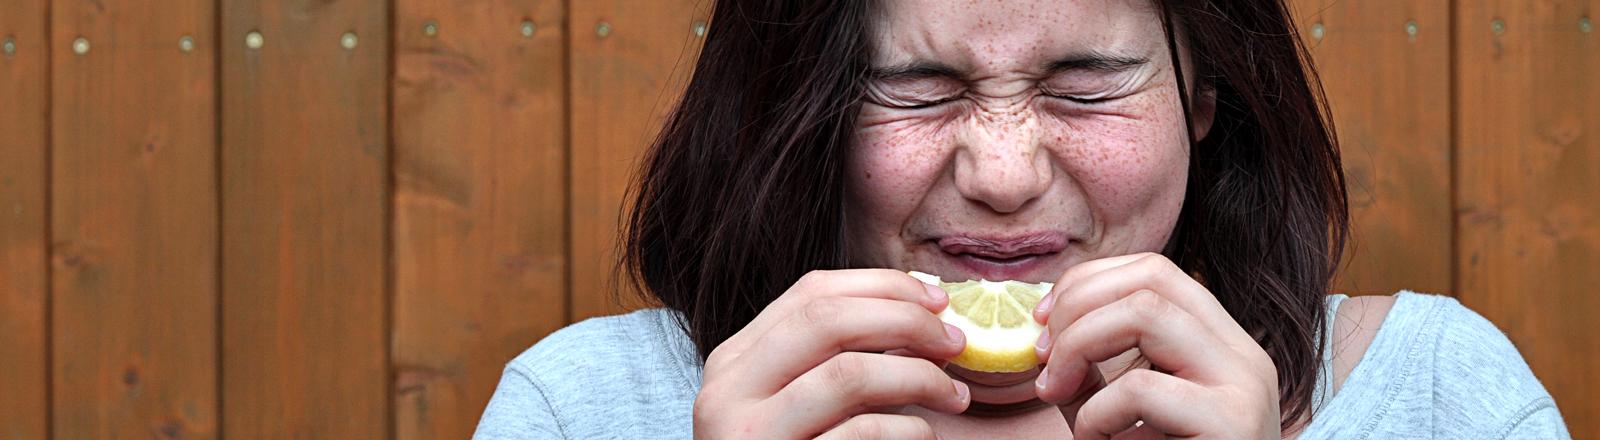 Ein Mädchen kneift die Augen zusammen und hält sich eine saure Zitrone vor das Gesicht.